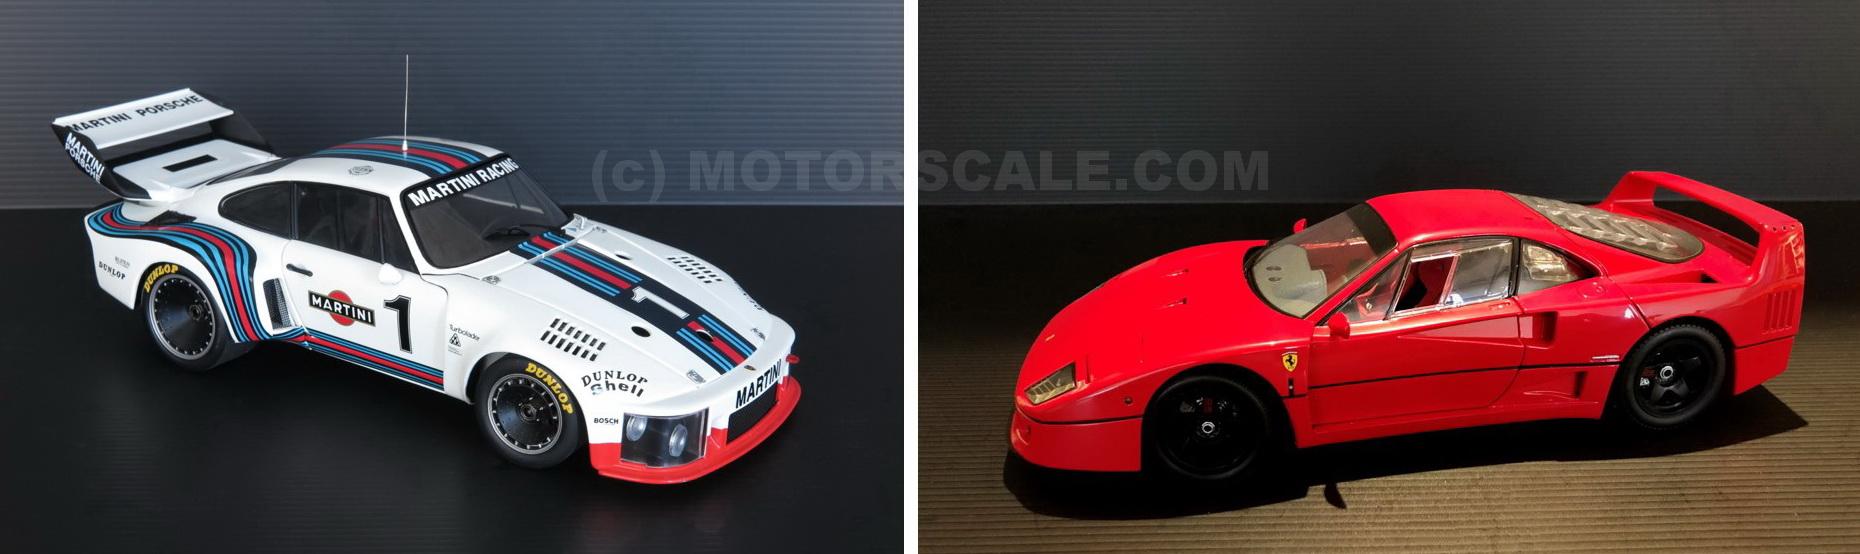 Porsche_Ferrari